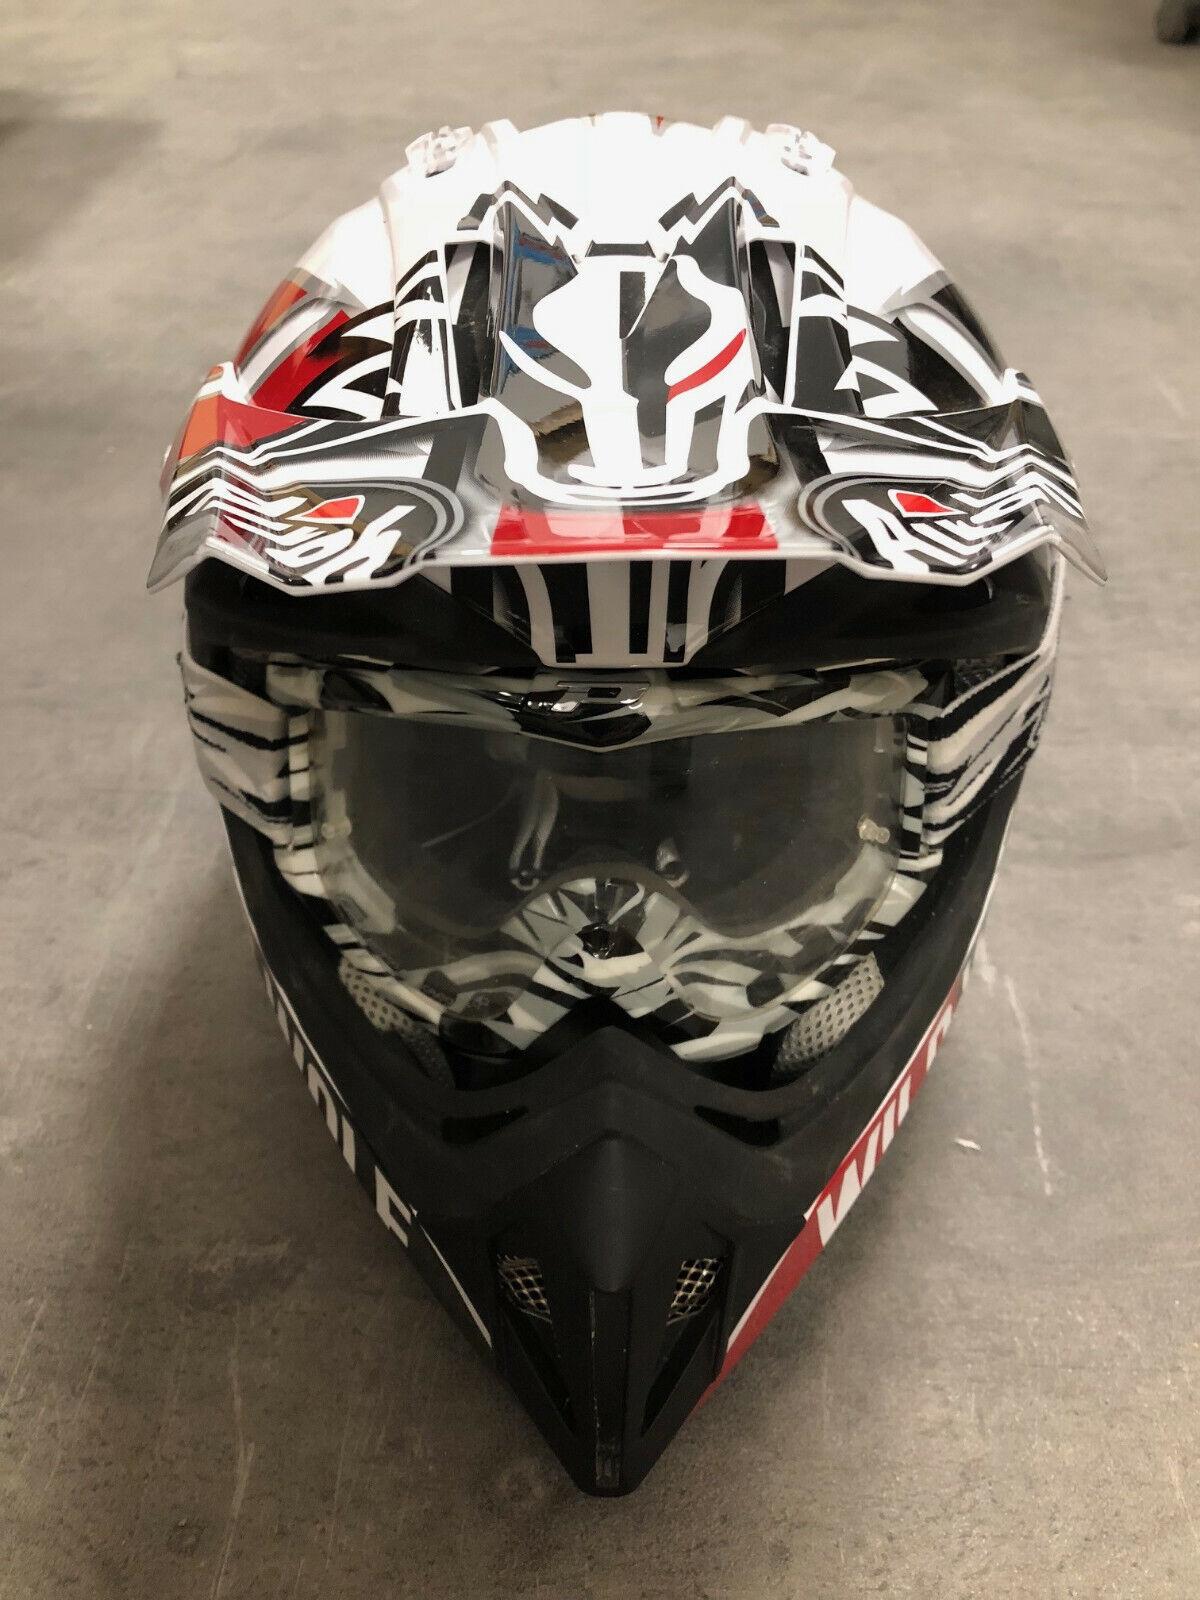 Casque visière + lunettes de protection moto cross adulte taille xl helmet